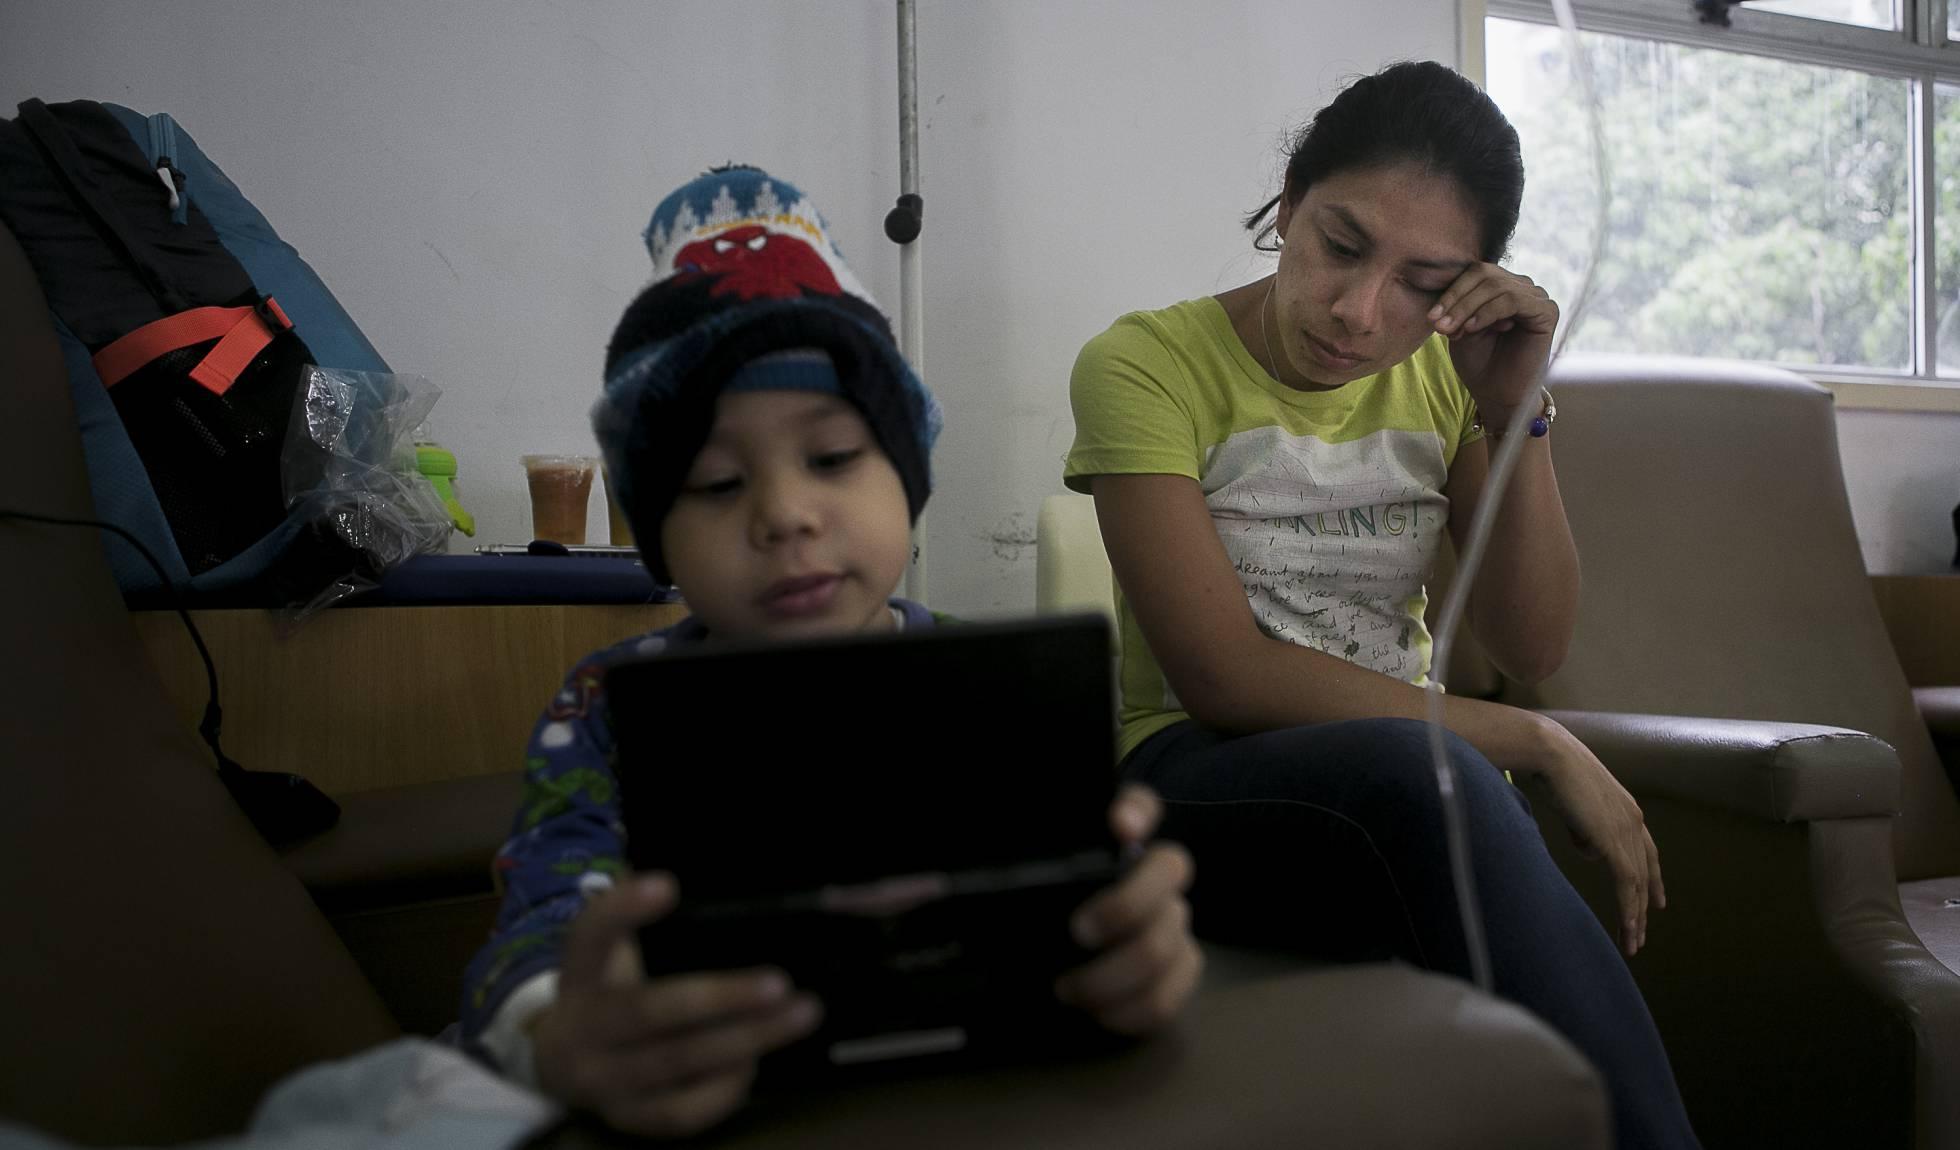 La crisis humanitaria que Delcy Eloína niega: Escasez de medicinas en hospitales deja a miles de venezolanos sin tratamiento